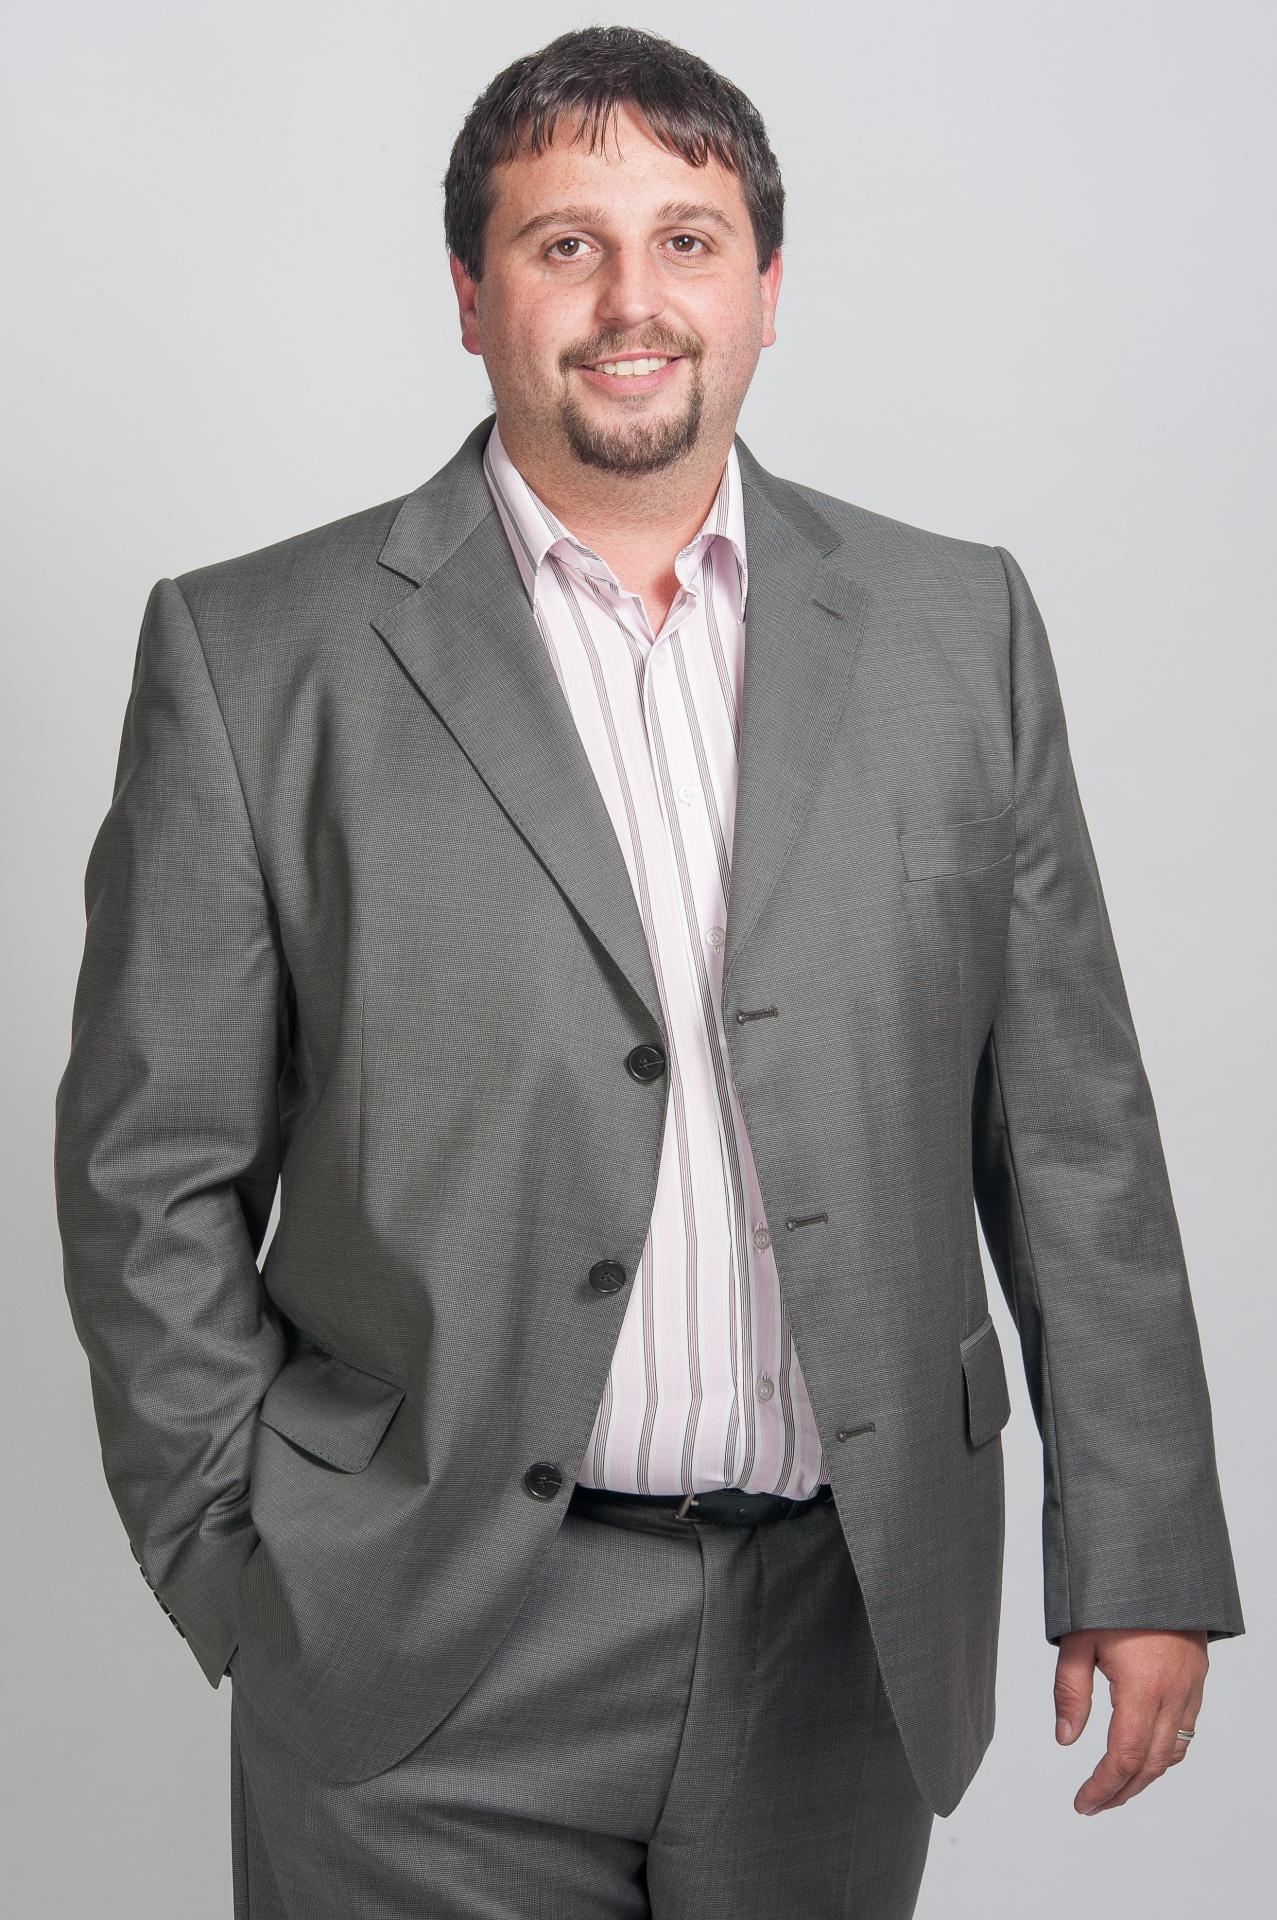 Petr Vaněk